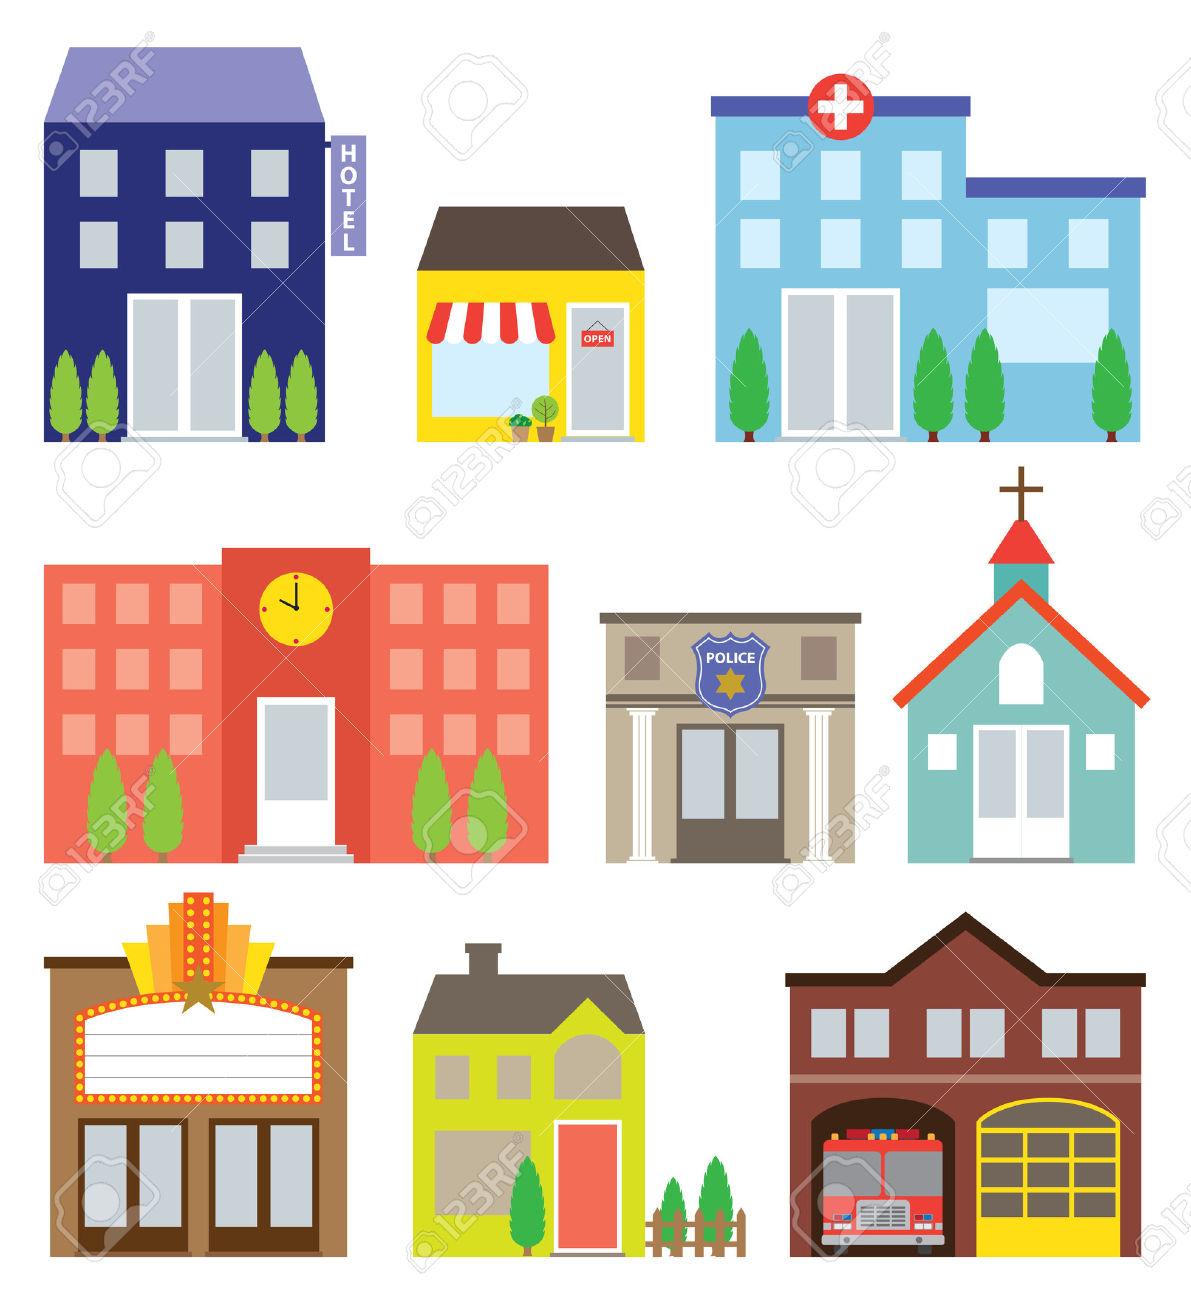 Illustration Av Byggnader Inklusive Butik, Hotell, Sjukhus, Skola.